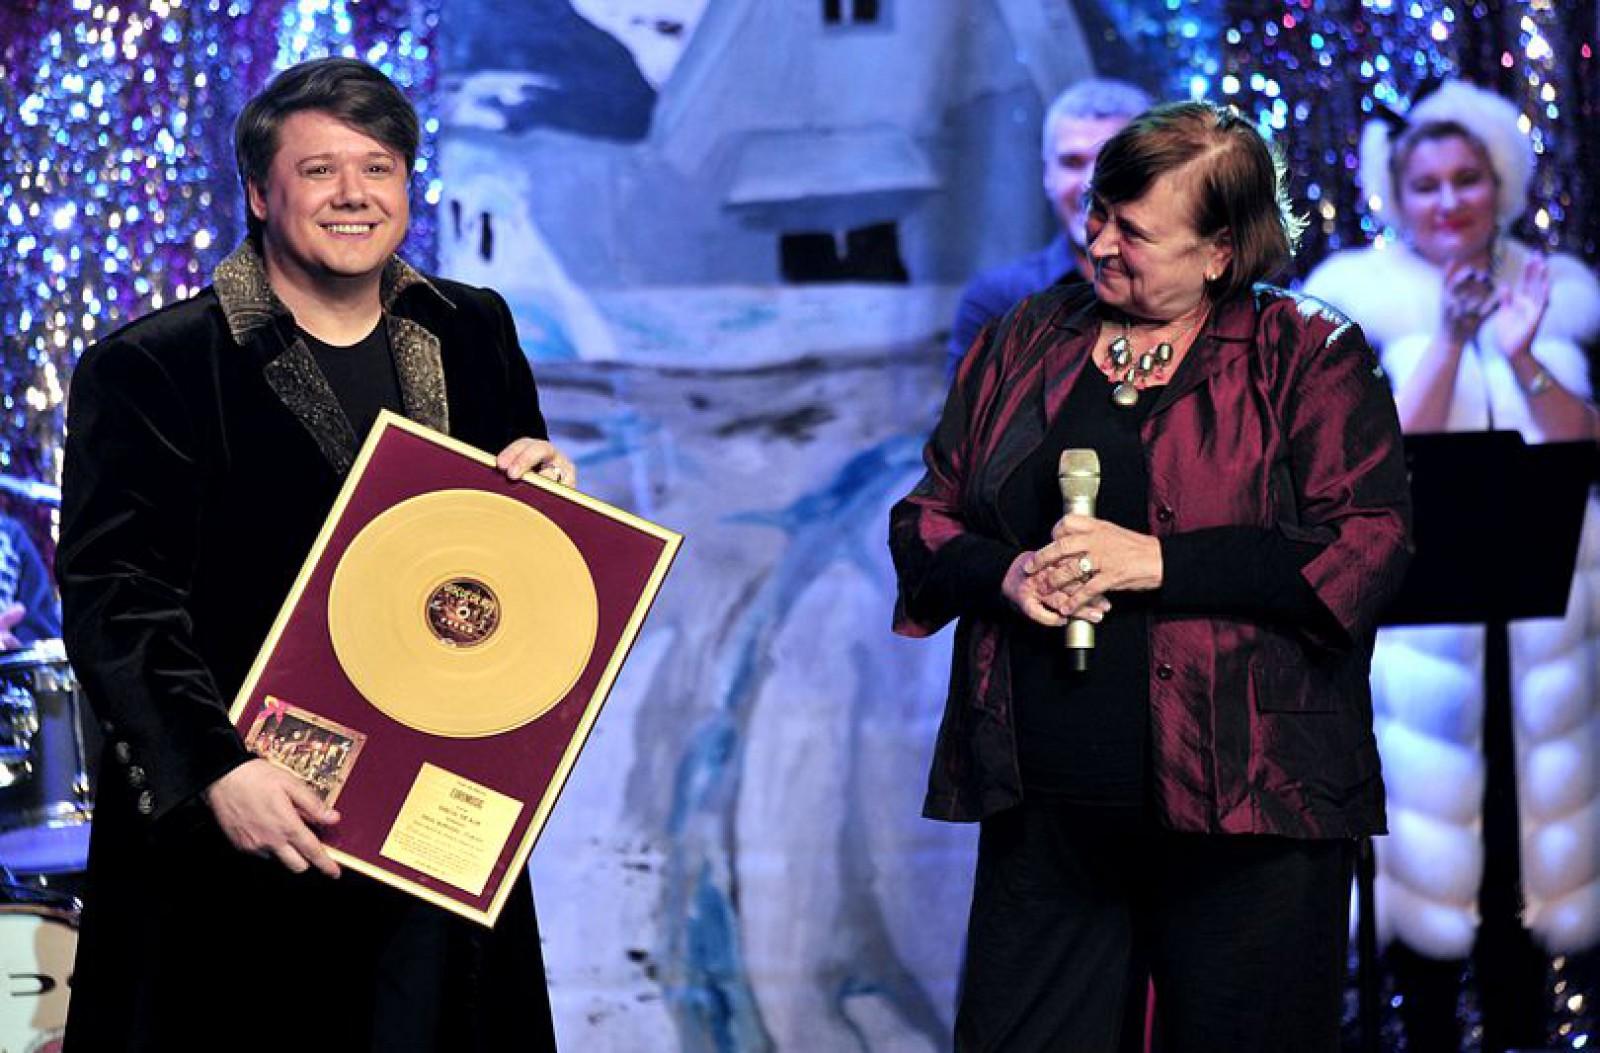 """Fuego a primit Discul de Aur pentru vânzări pentru albumul """"Crăciunu' nostru-i românesc"""""""